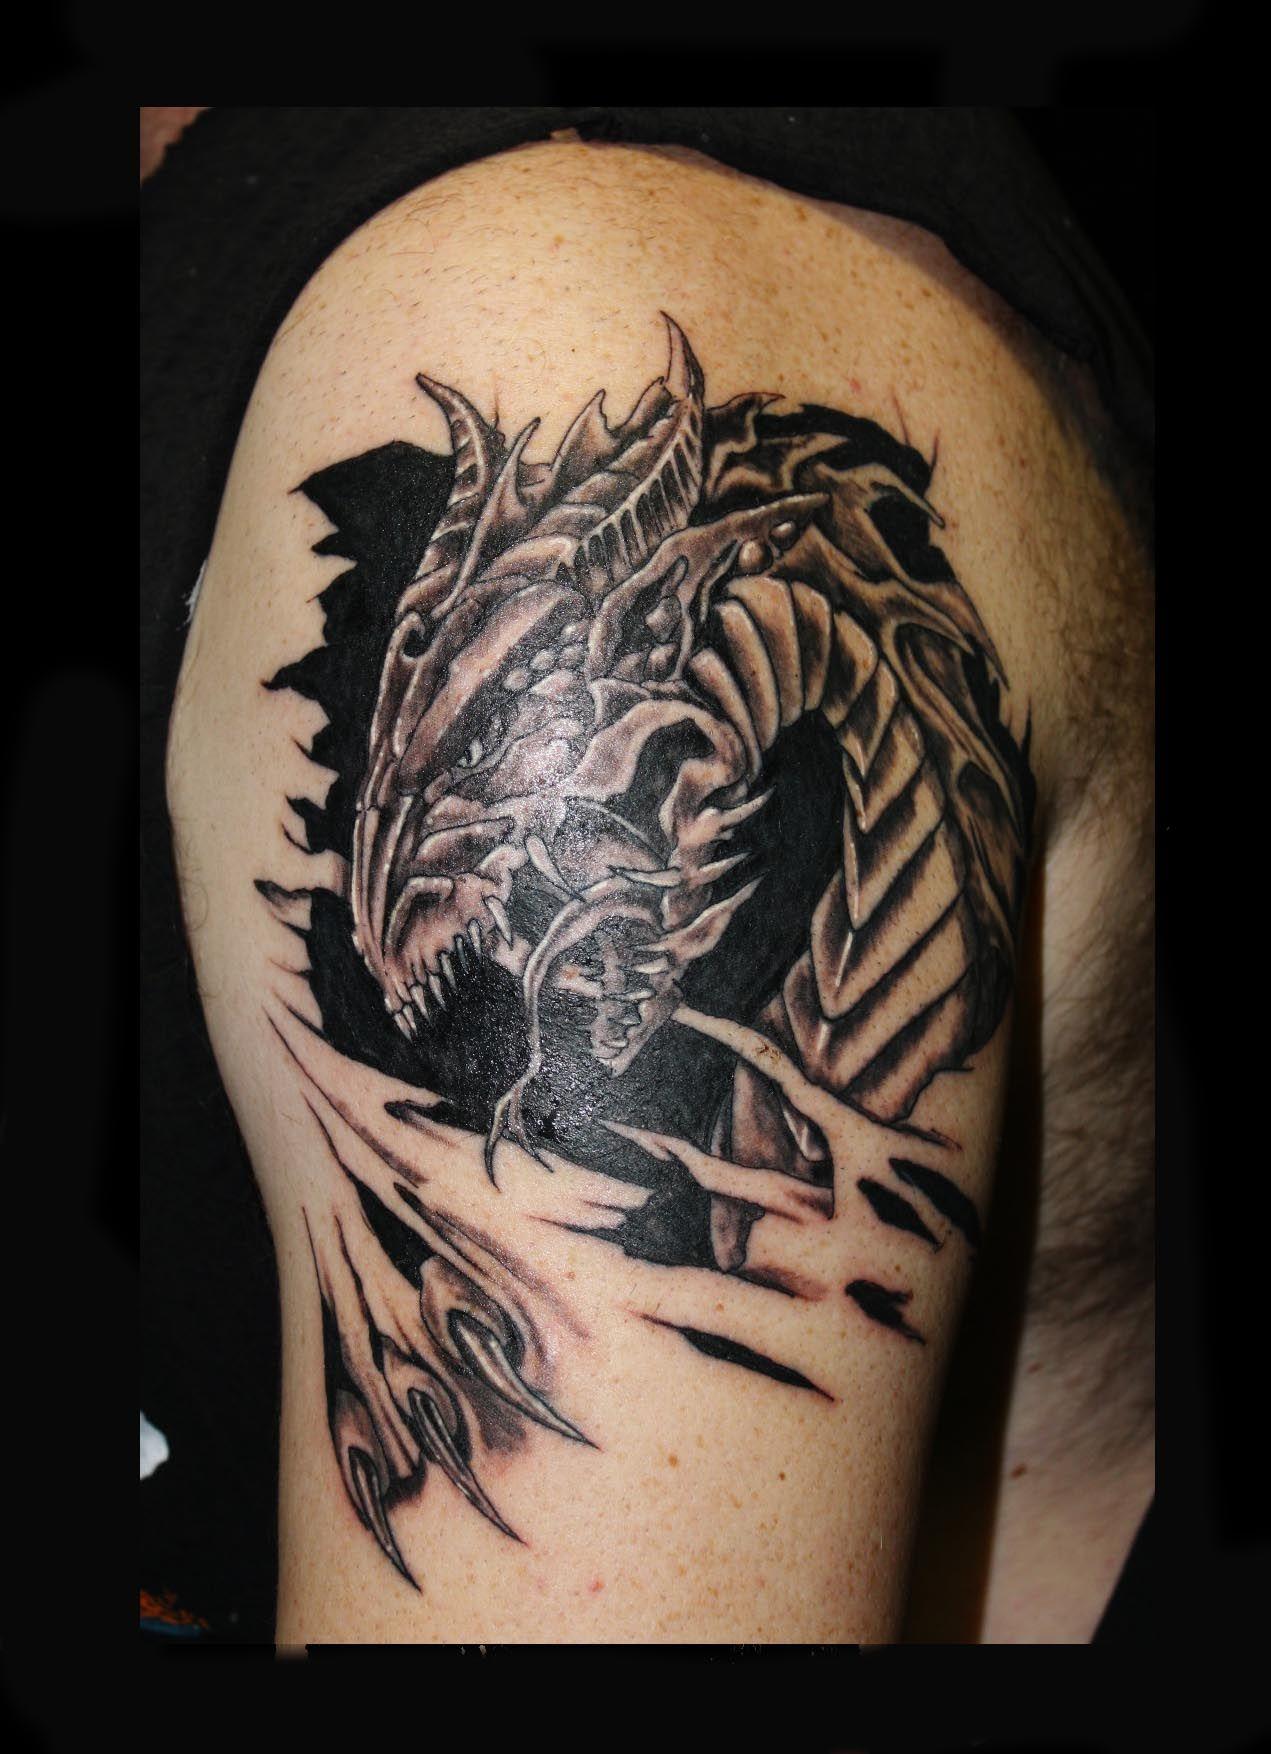 3 hour dragon